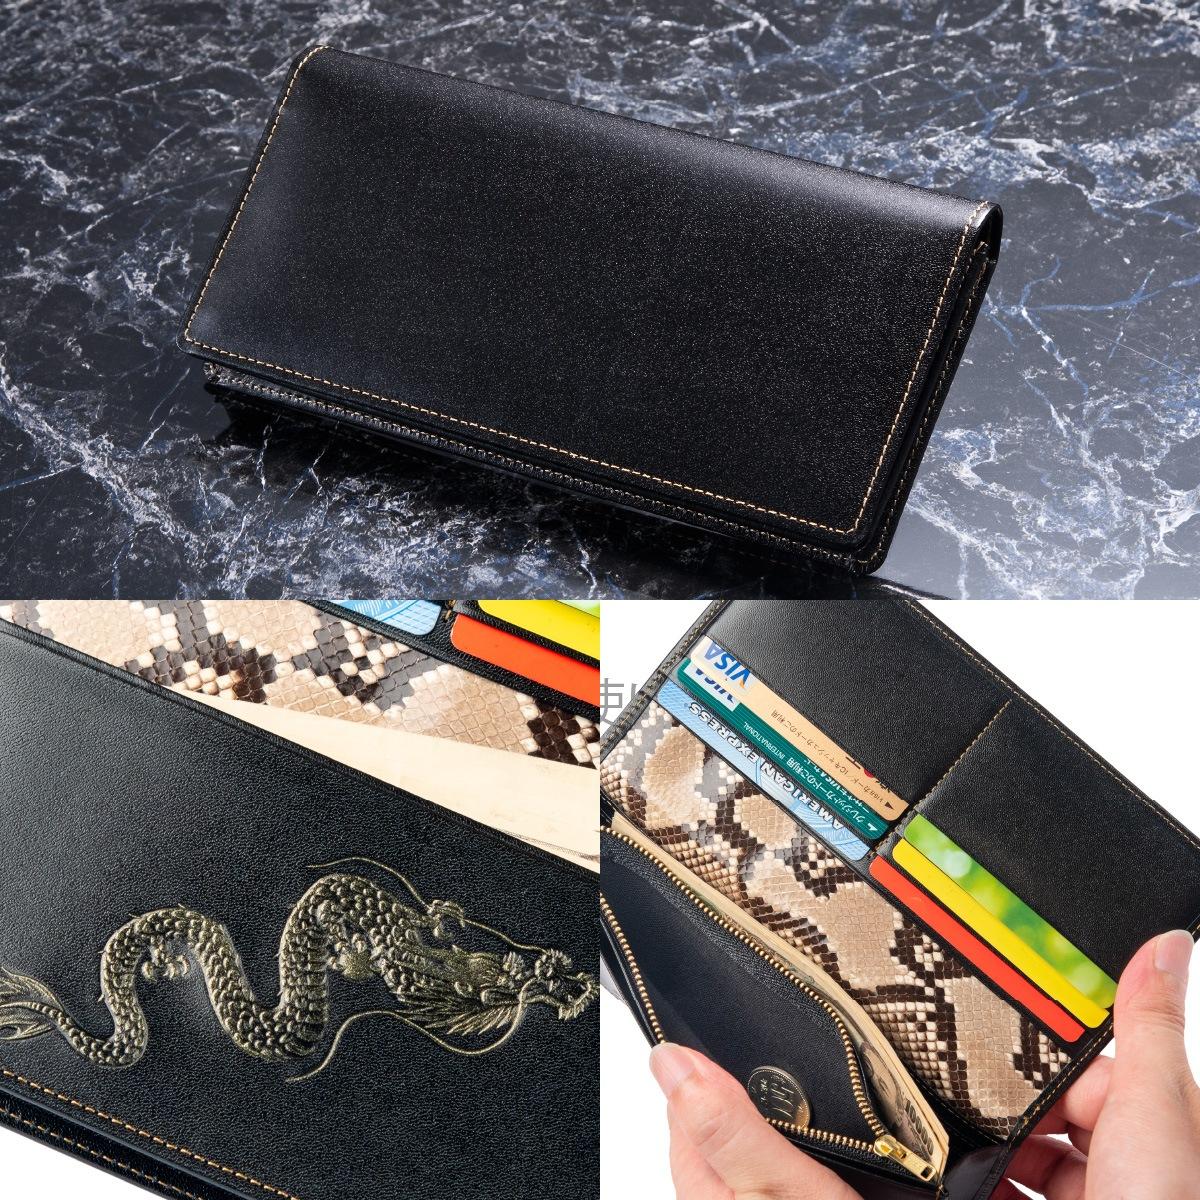 右肩上がり昇龍財布(オリジナル) ≫金運引寄せ・財運向上